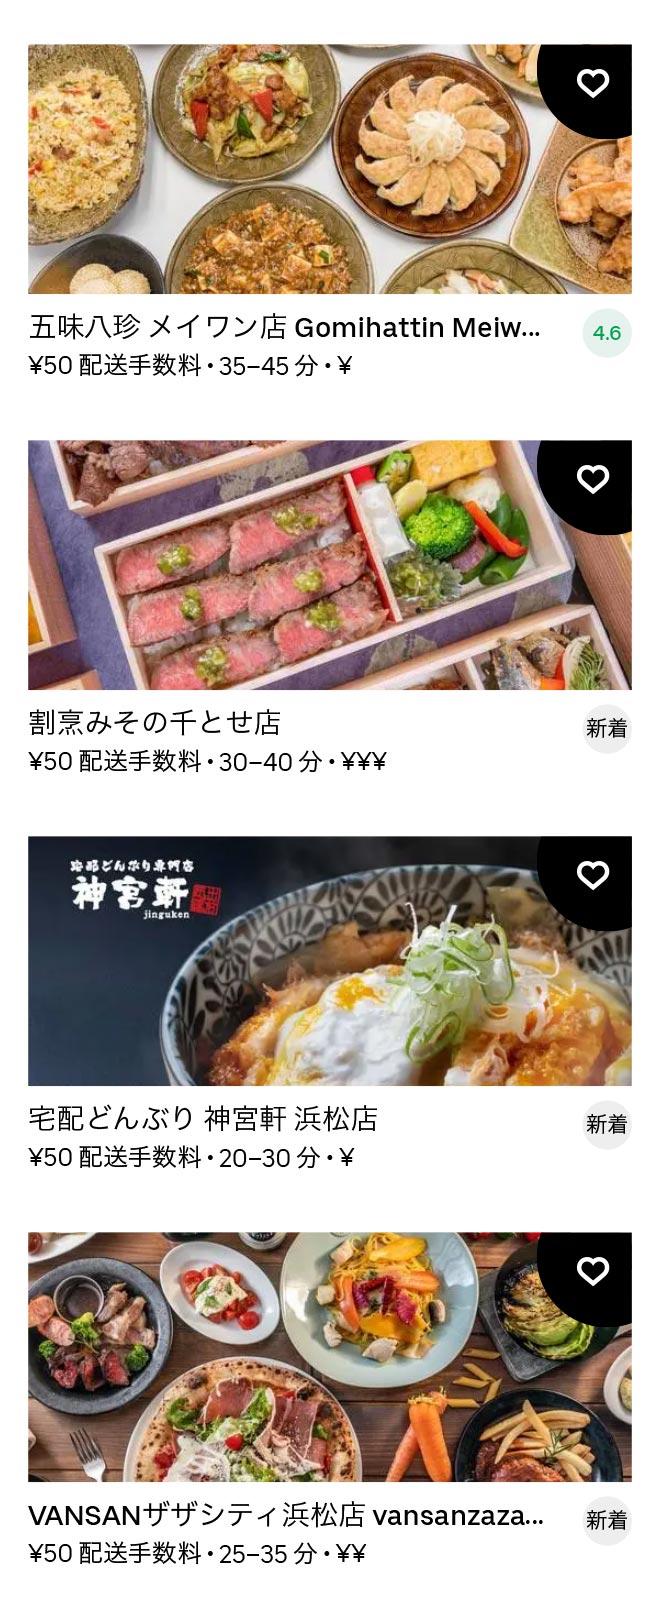 Hamamatsu menu 2011 10